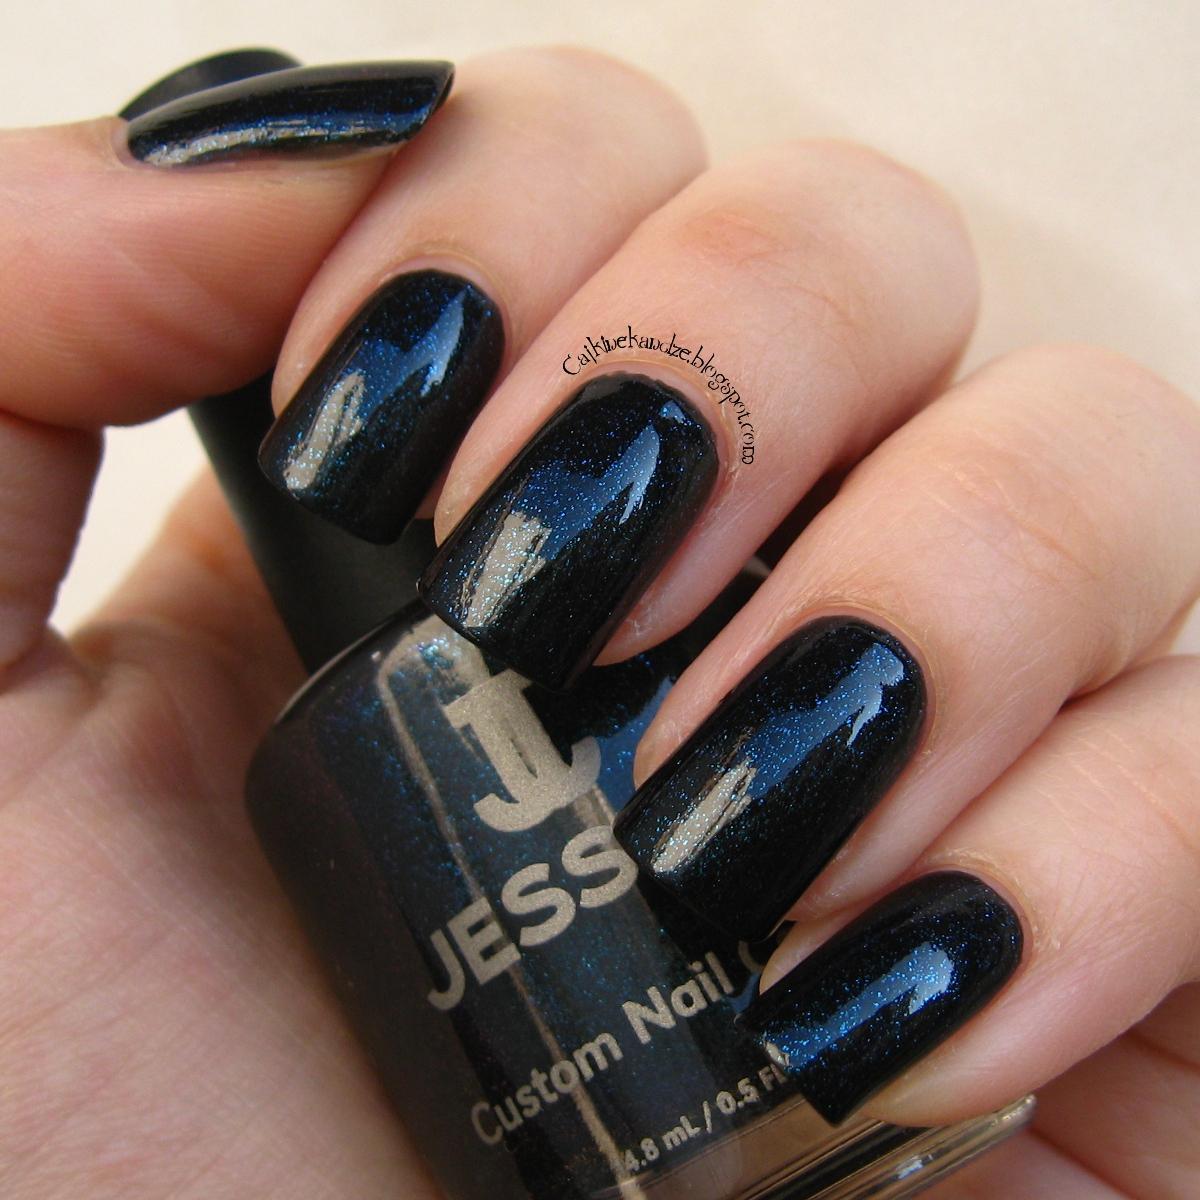 Jessica Casablanca  Cajkine kande i sve njihove boje